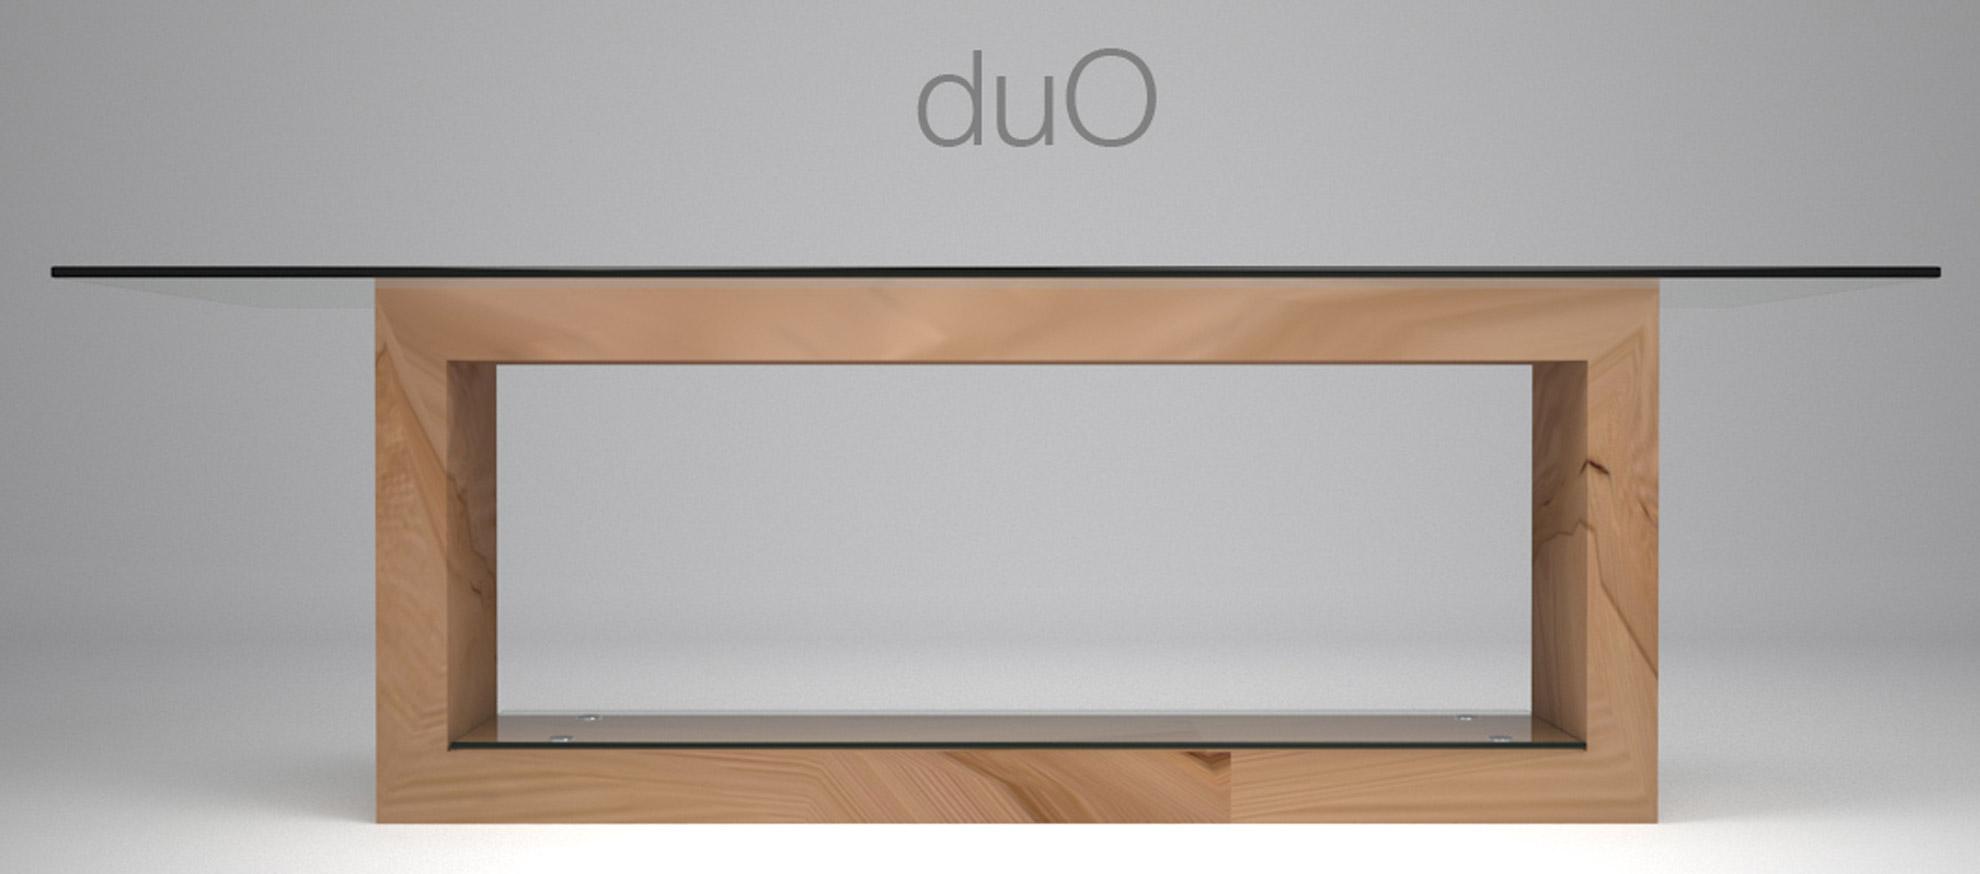 Tavolo in legno e cristallo duo architetto andrea bella for Studio architettura interni torino